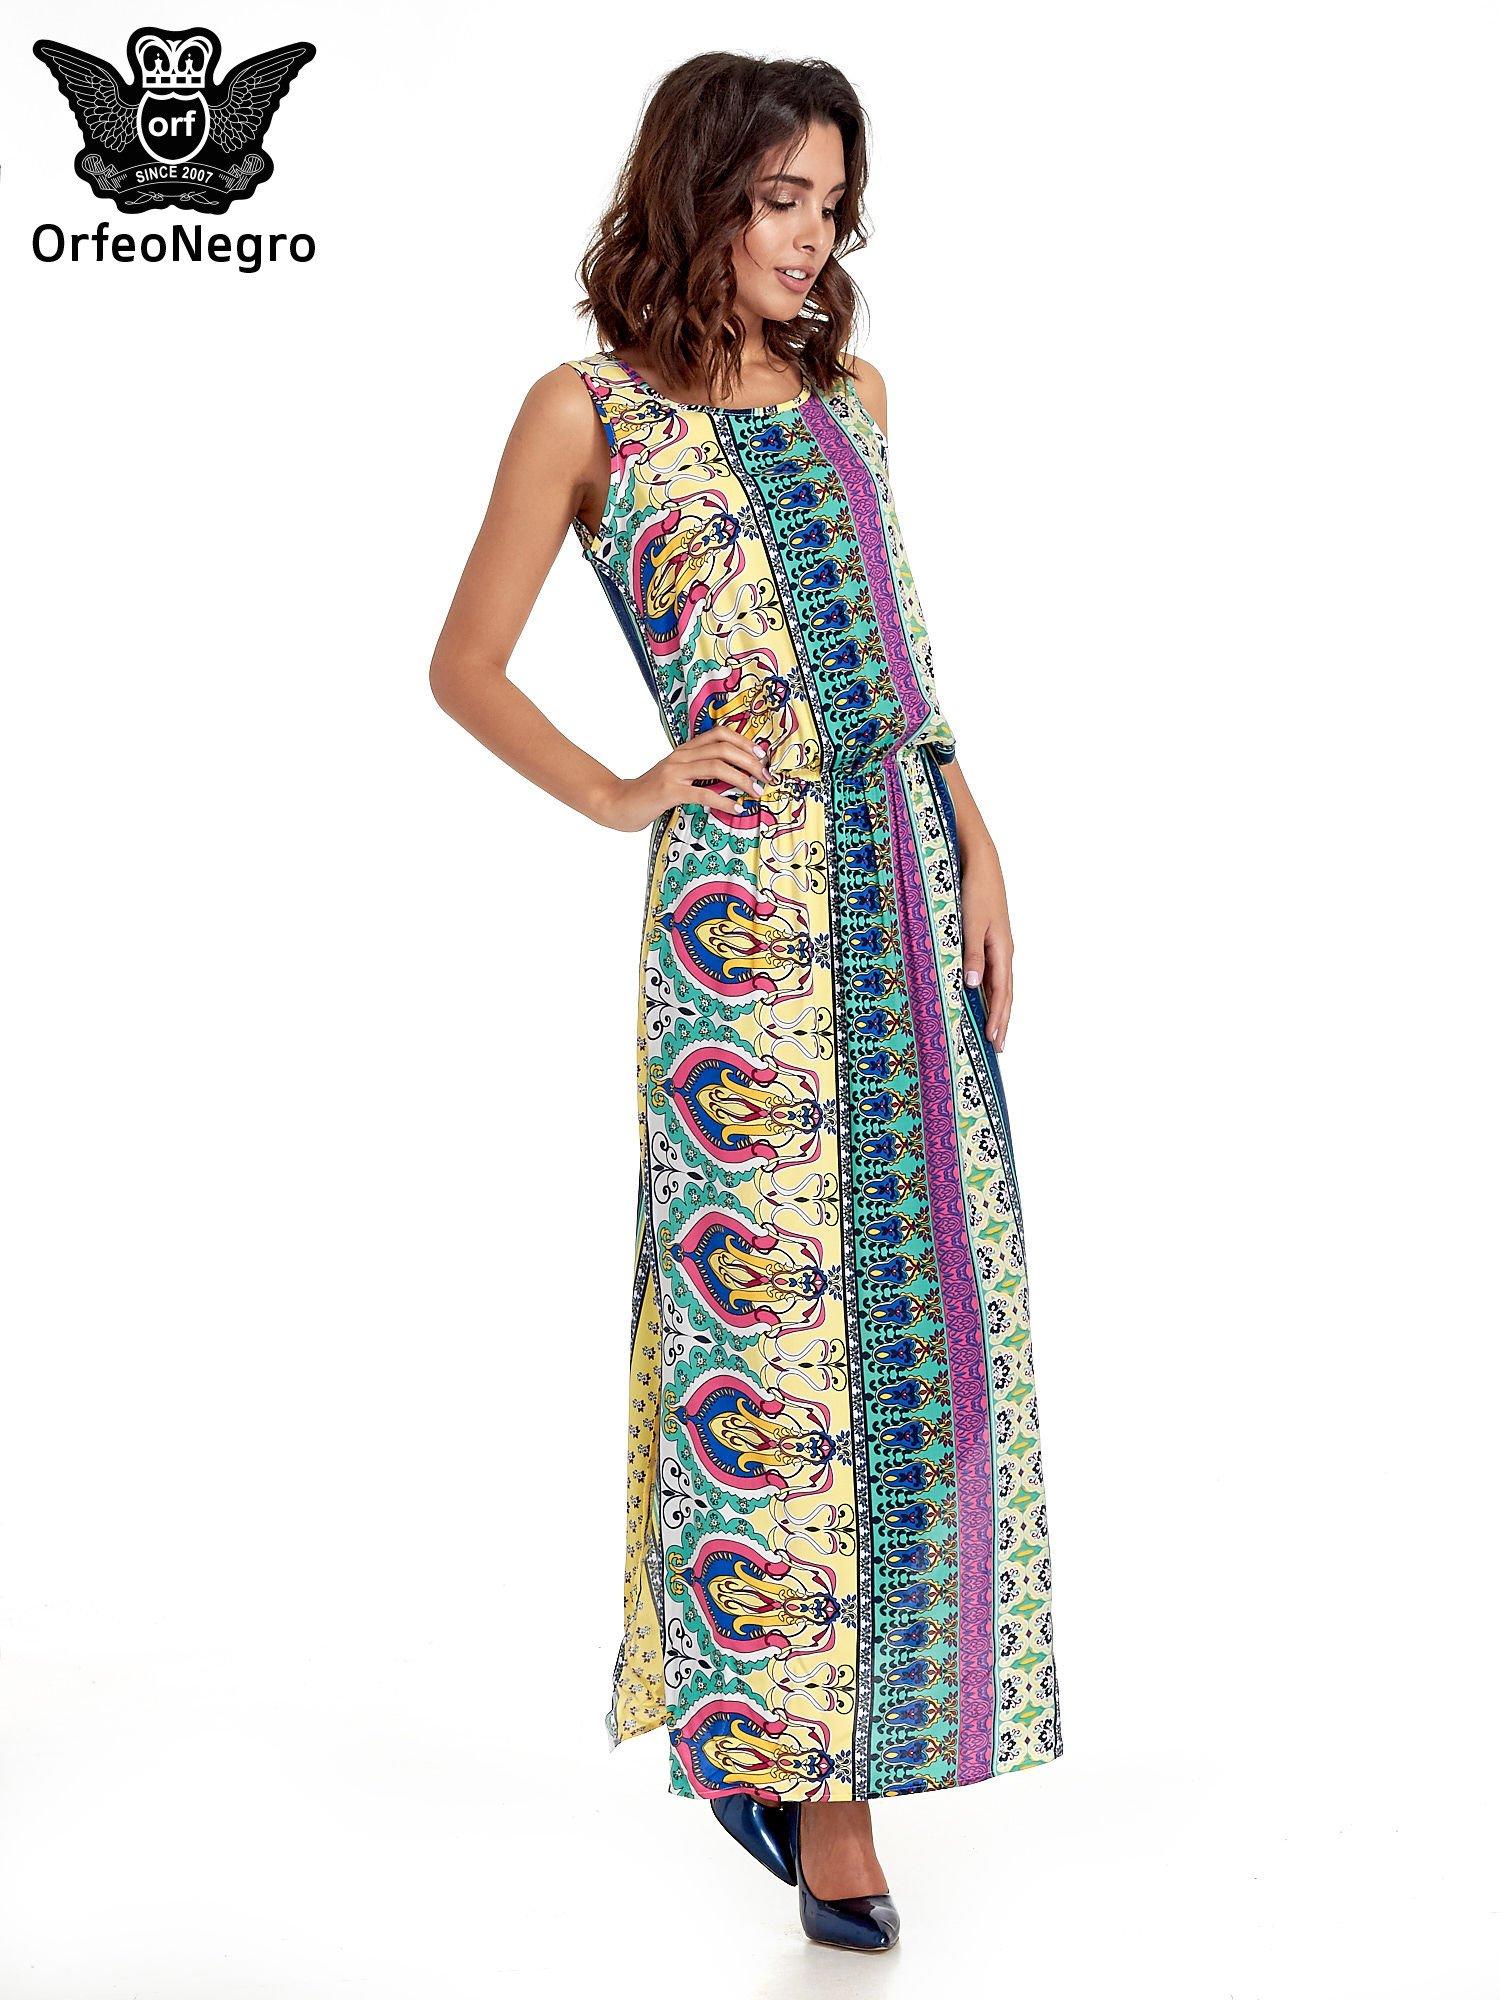 Zółta sukienka grecka w kwiatowe wzory                                  zdj.                                  3